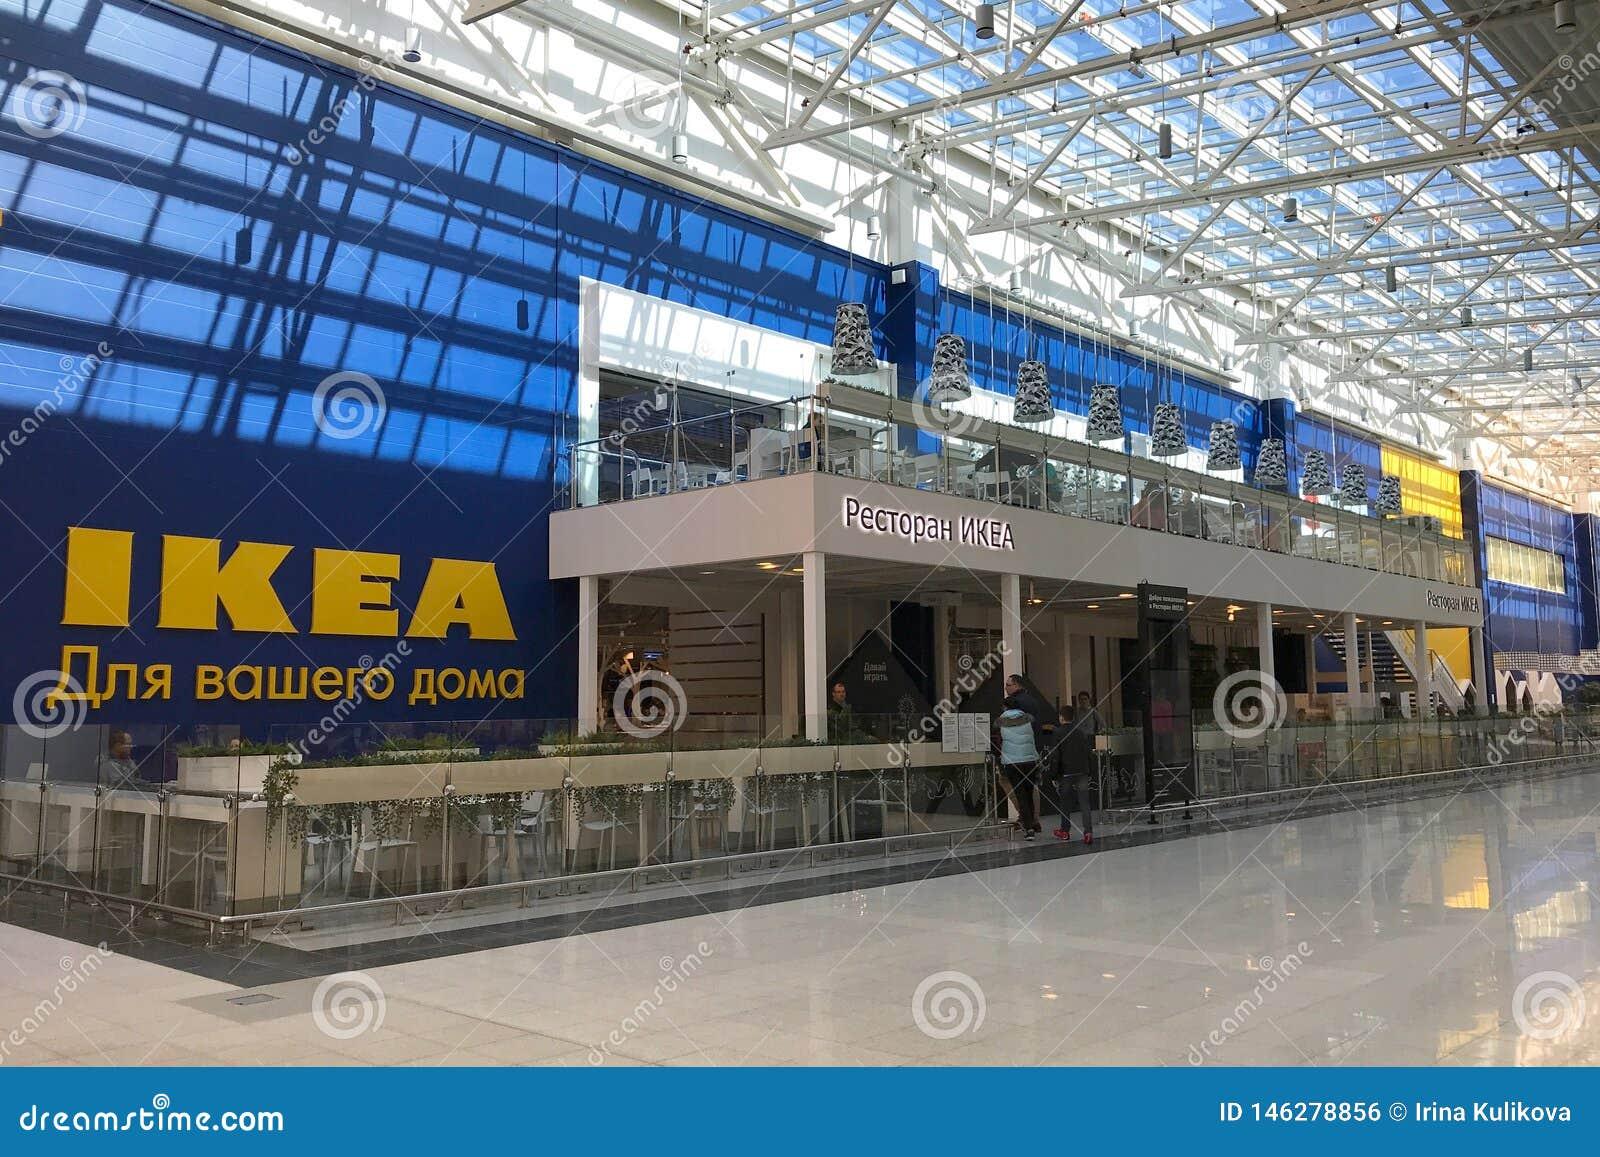 Είσοδος στο εστιατόριο της IKEA μέσα στο εμπορικό κέντρο ΜΕΓΑ